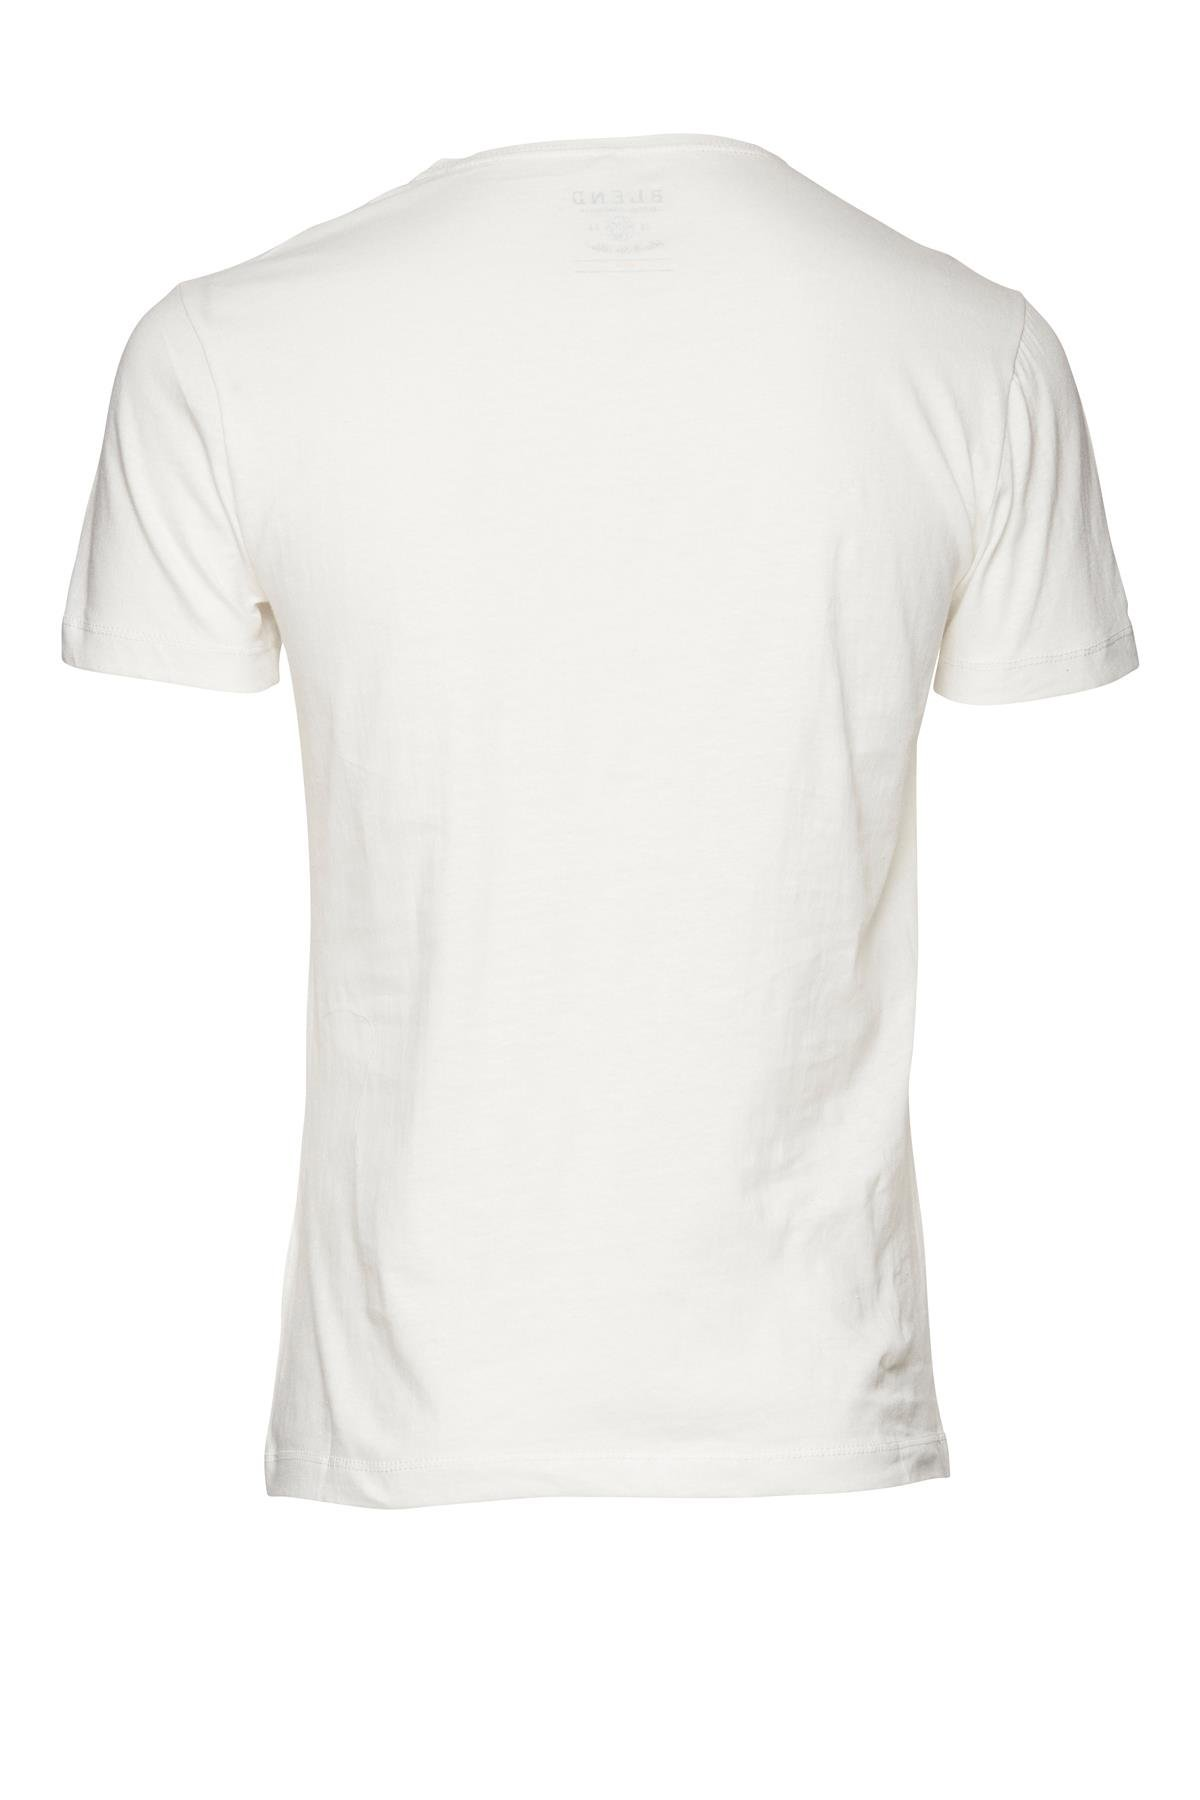 T-shirt fra Blend He – Køb  T-shirt fra str. M-XXL her